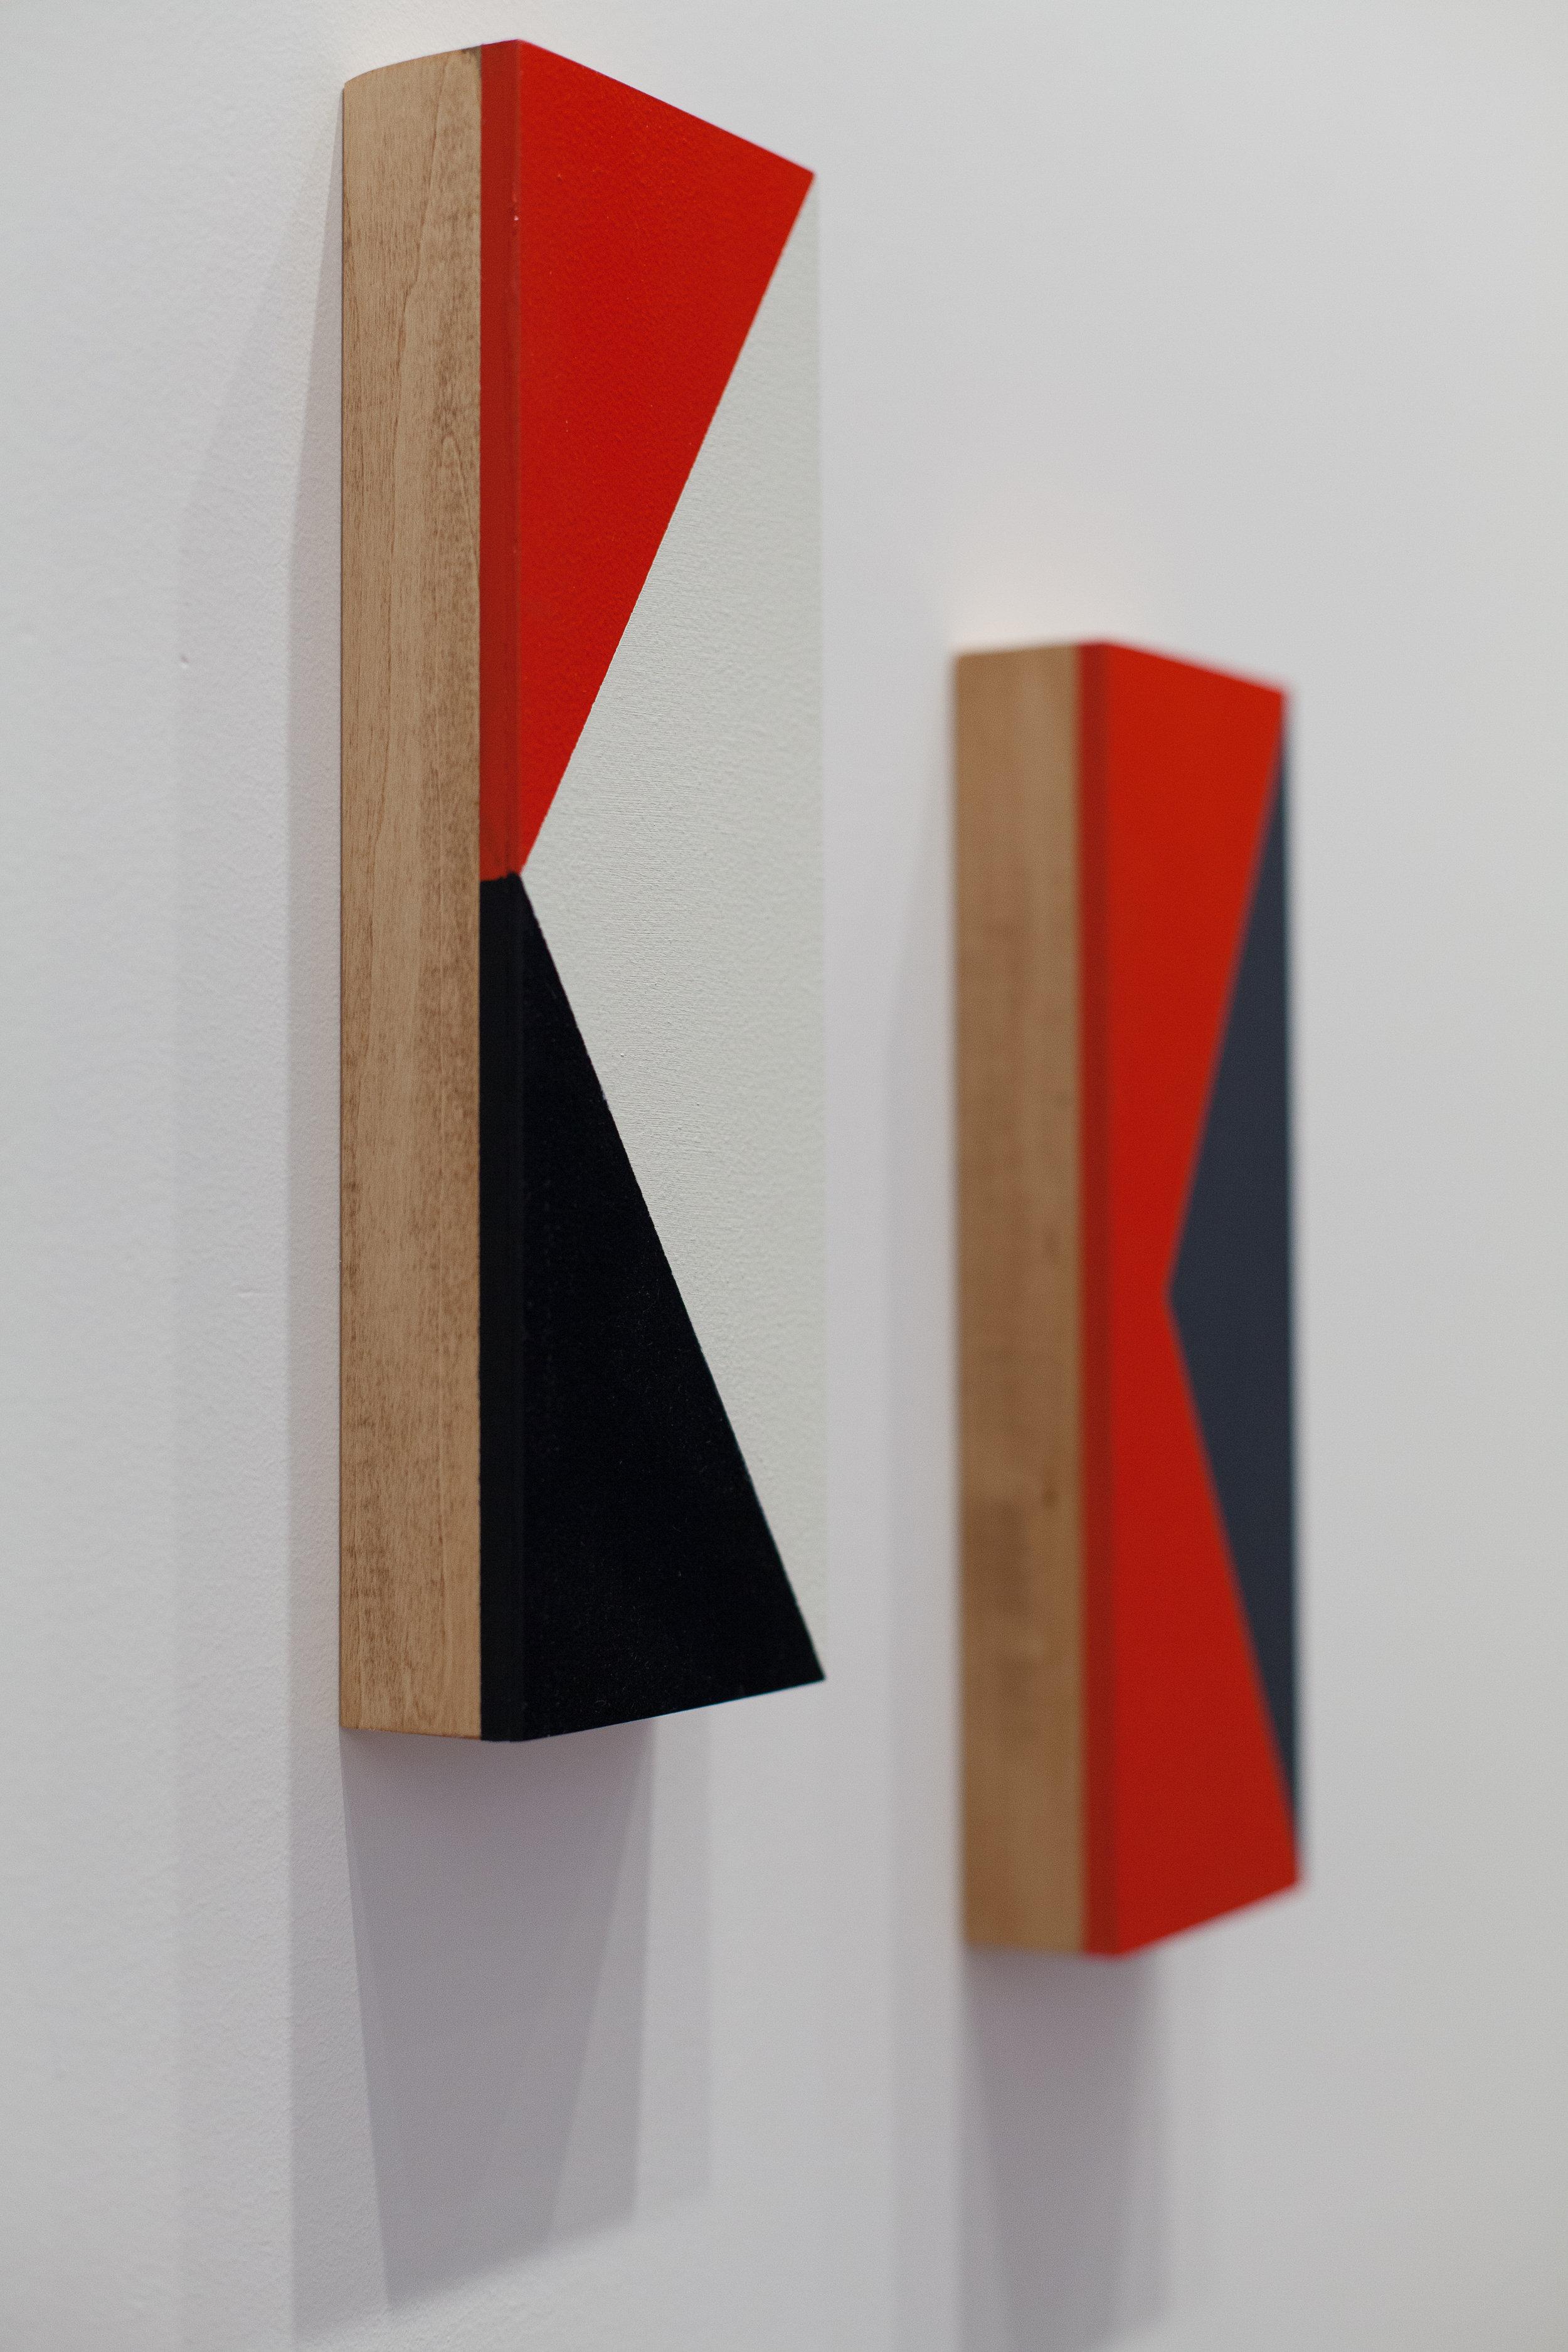 Two Geometrics, 2017